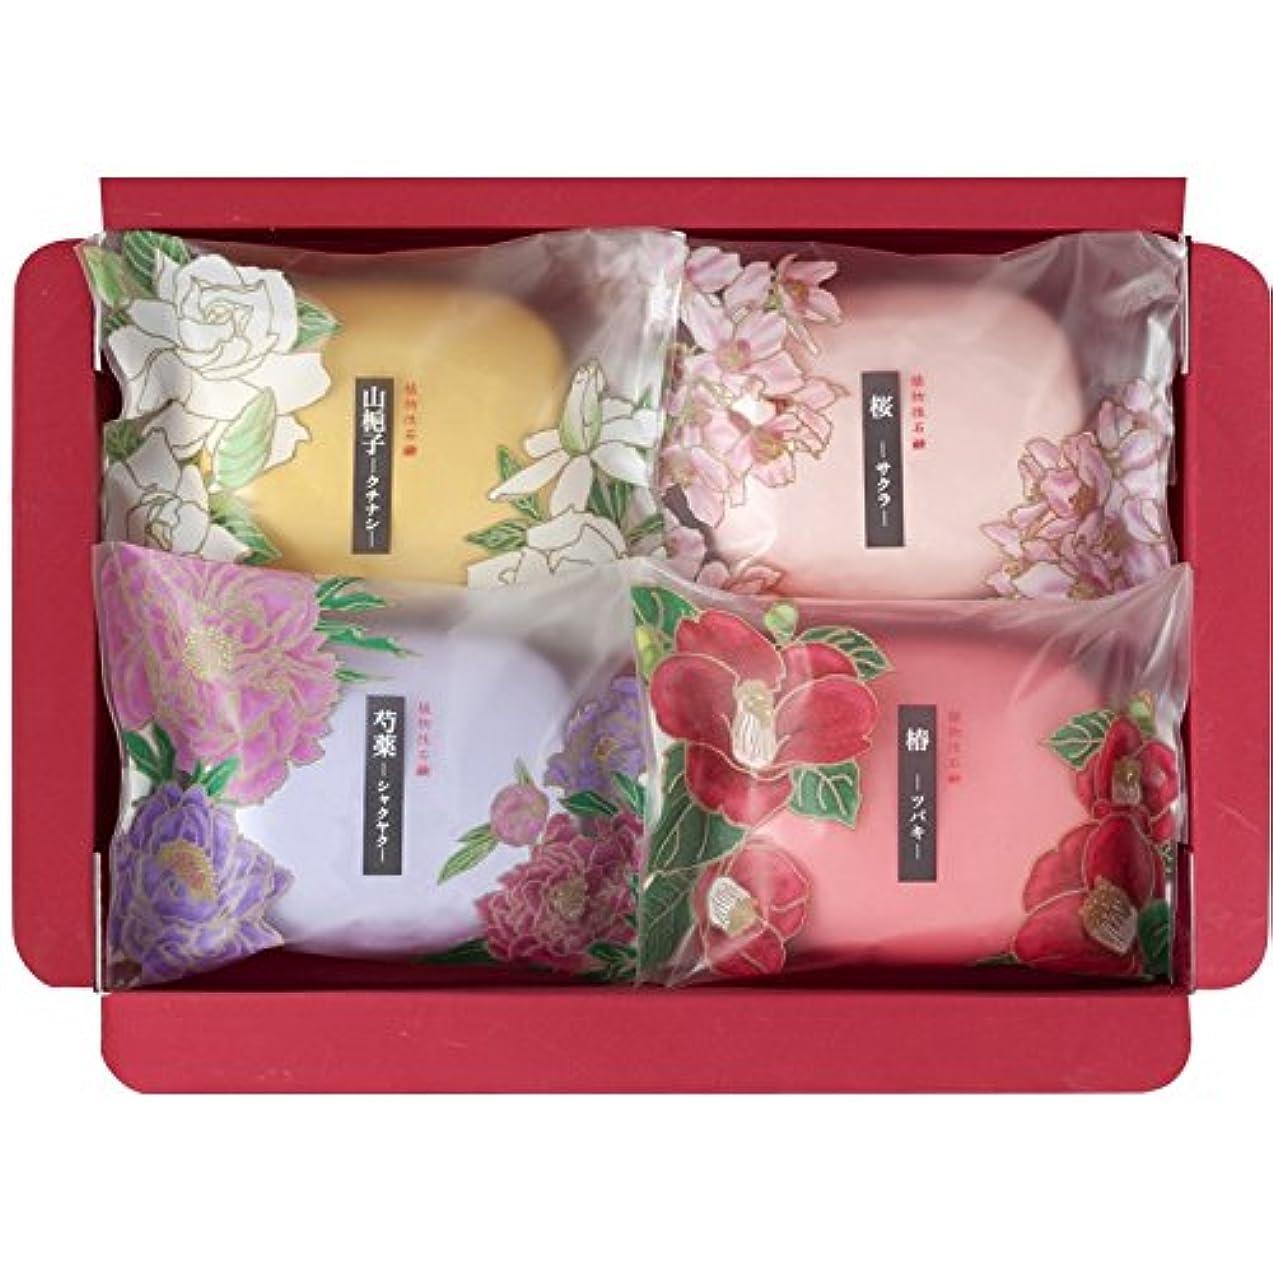 マカダム三ピカソ彩花だより 【固形 ギフト せっけん あわ いい香り いい匂い うるおい プレゼント お風呂 かおり からだ きれい つめあわせ 日本製 国産 500】